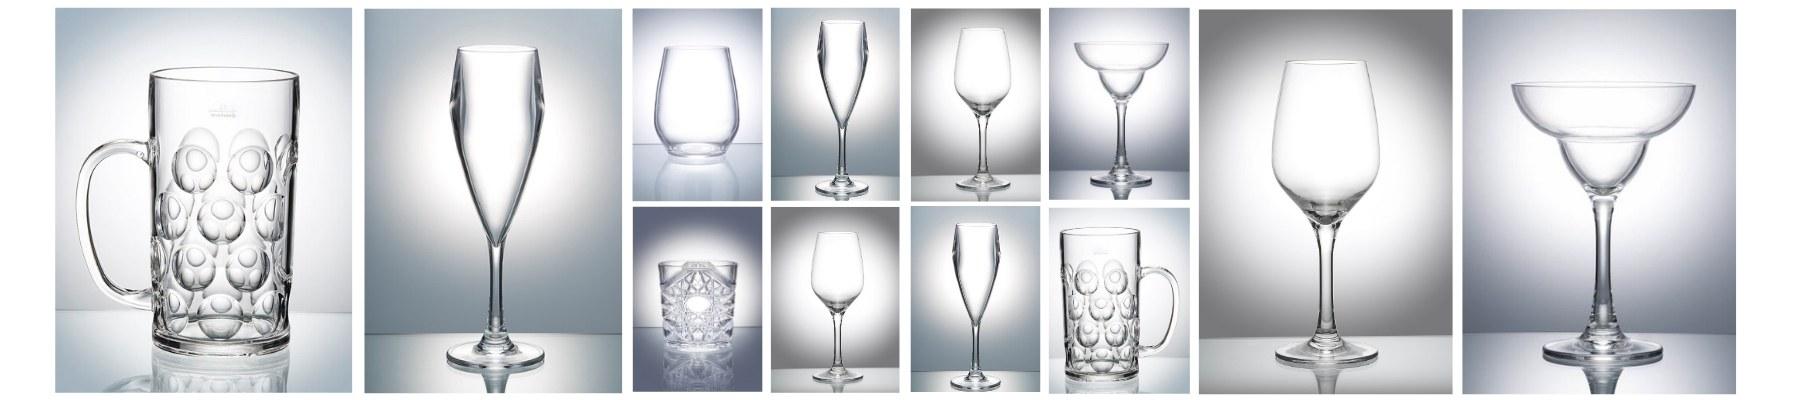 Reusable Plastic Champagne Flutes